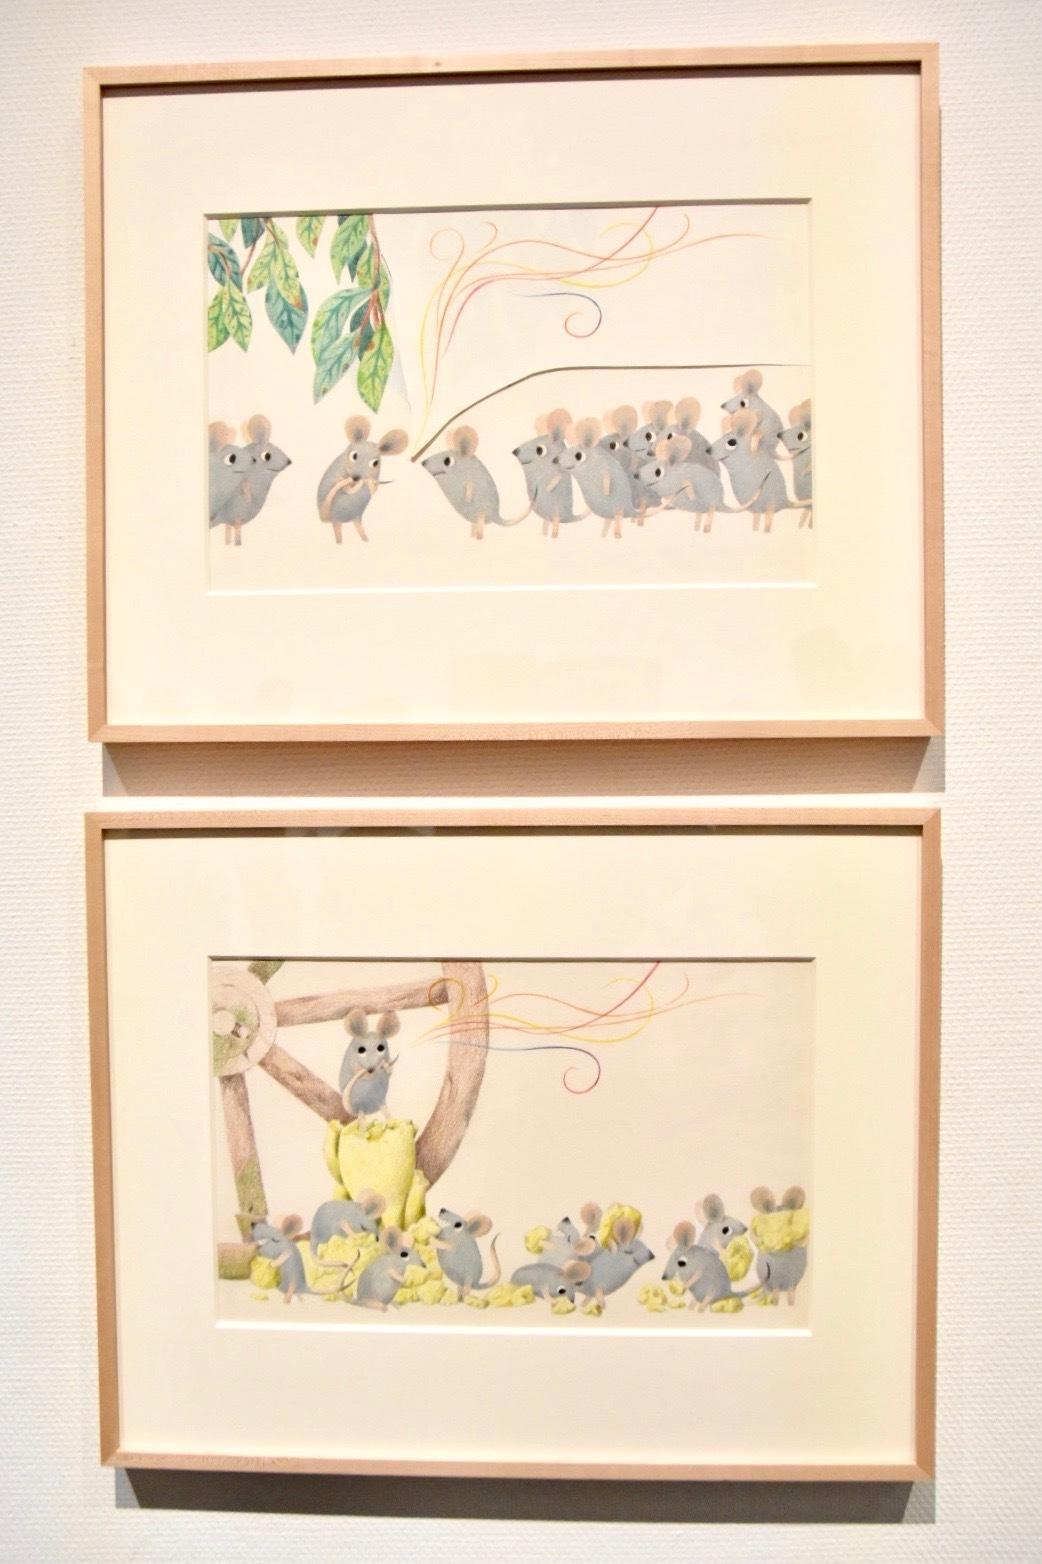 『おんがくねずみ ジェラルディン』原画 1979年 アニー・レオーニ氏所蔵